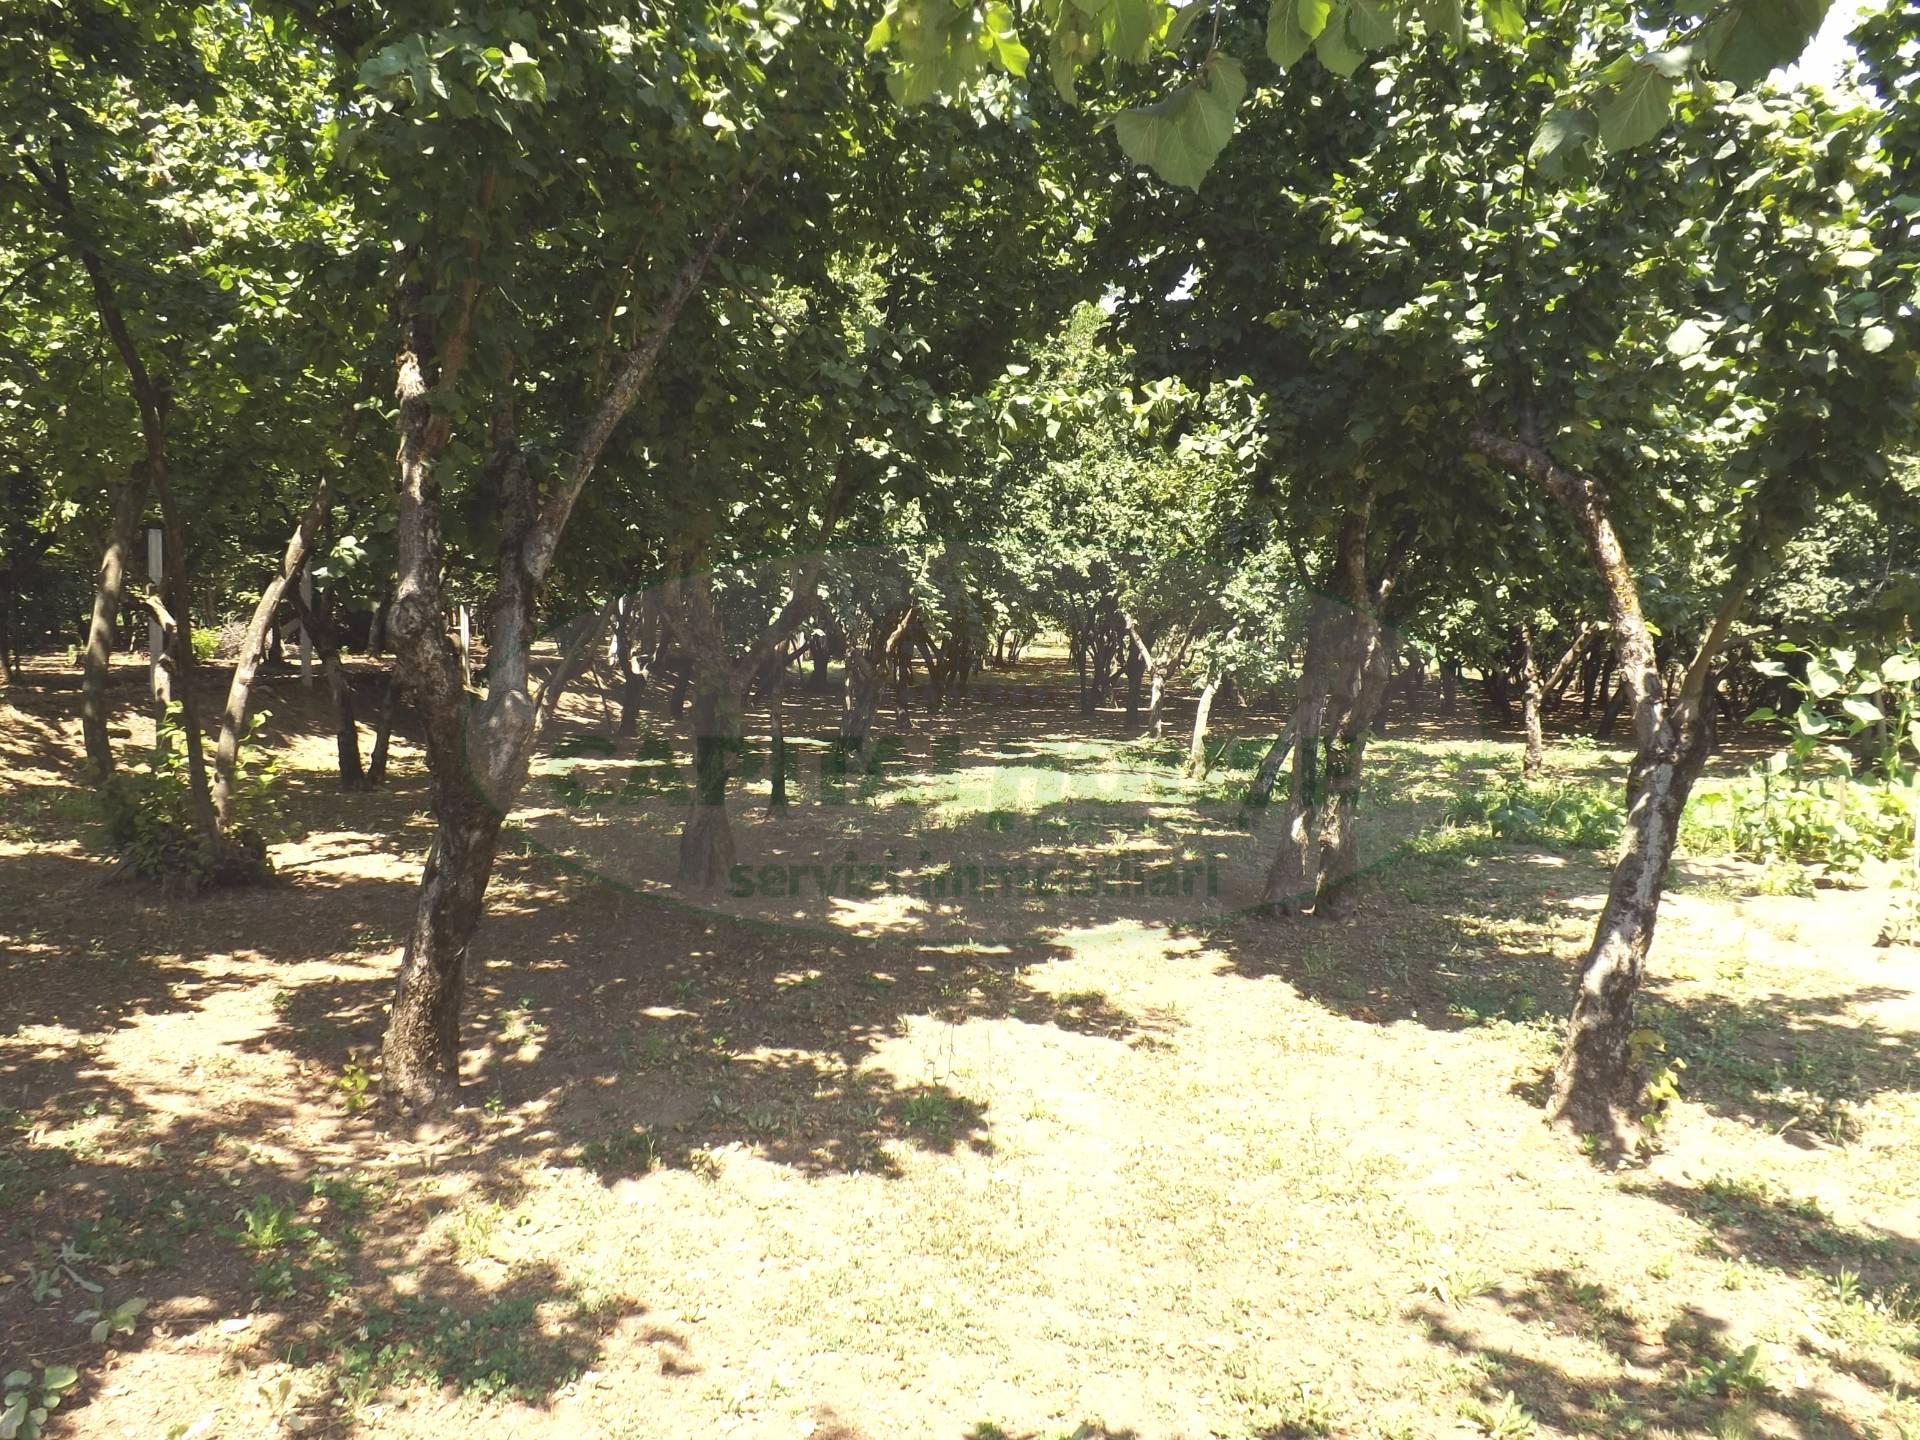 Terreno Agricolo in vendita a Cesinali, 9999 locali, prezzo € 30.000 | CambioCasa.it